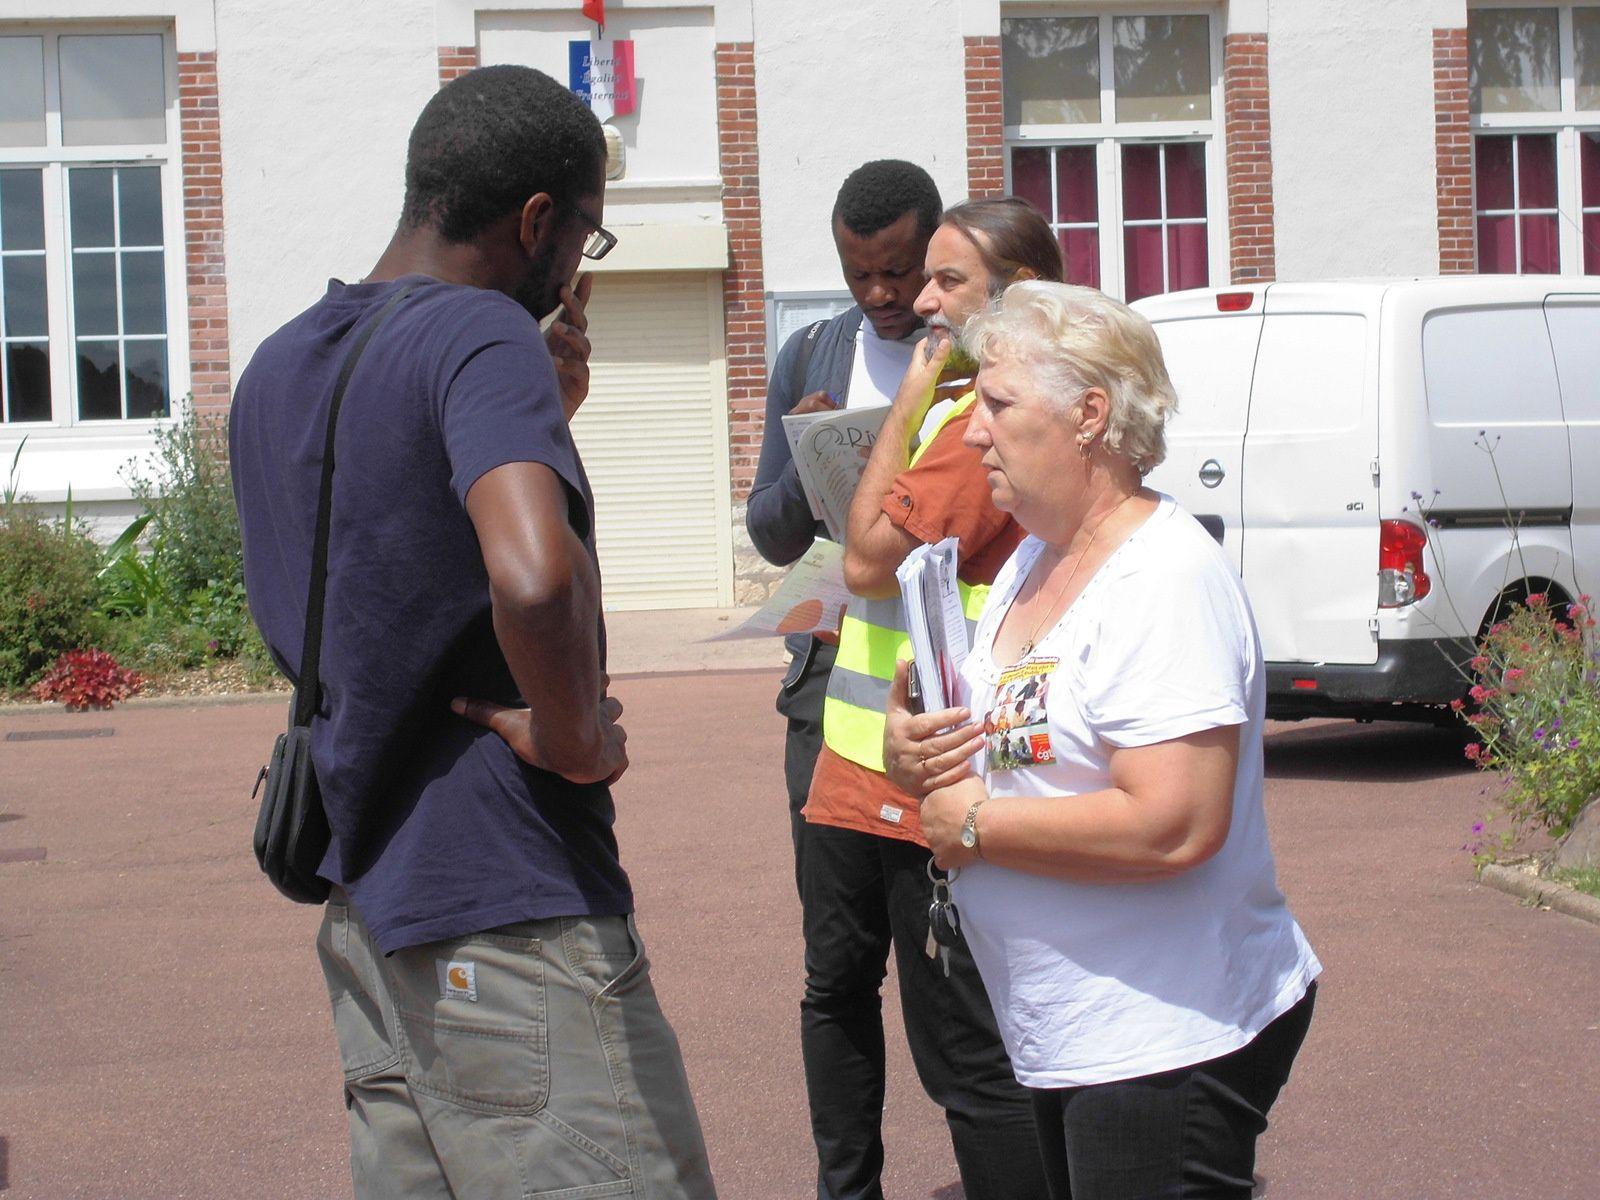 Jeudi 21 juin. Mantes-la-Ville et Mantes-la-Jolie. La CGT à la rencontre des agents des services publics